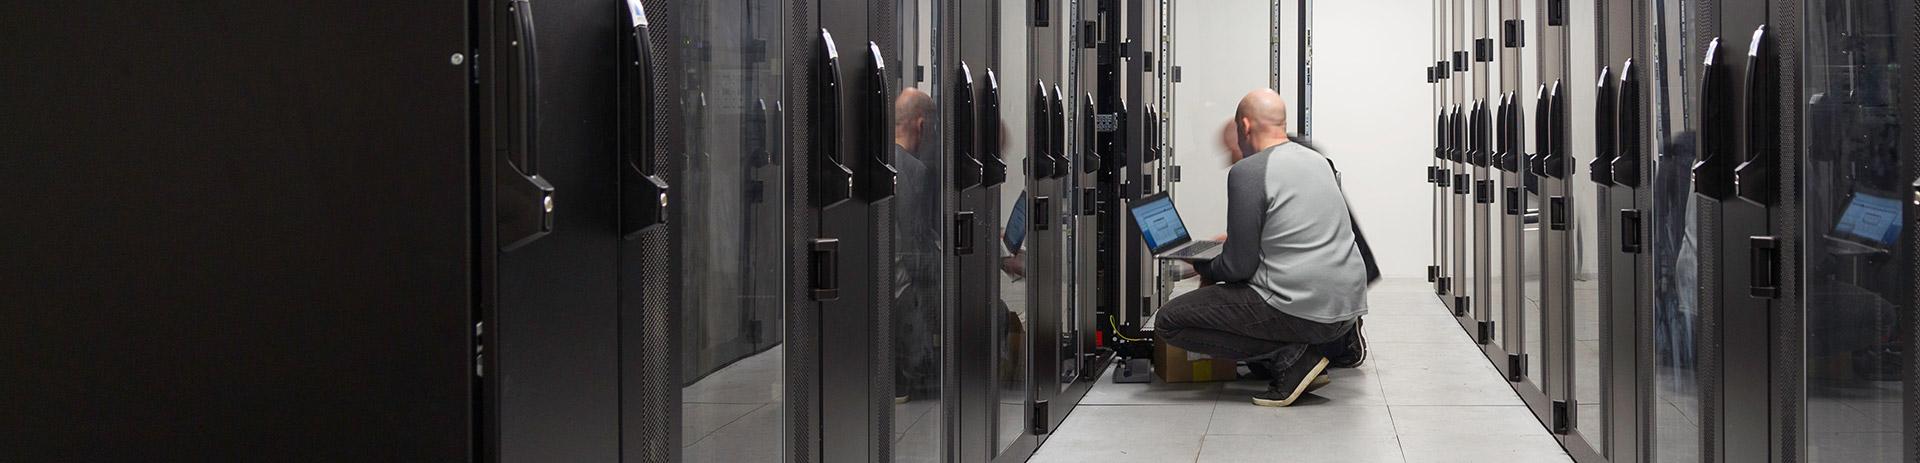 2 Techniker sitzen mit ihrem Laptop in einem großen Serverraum